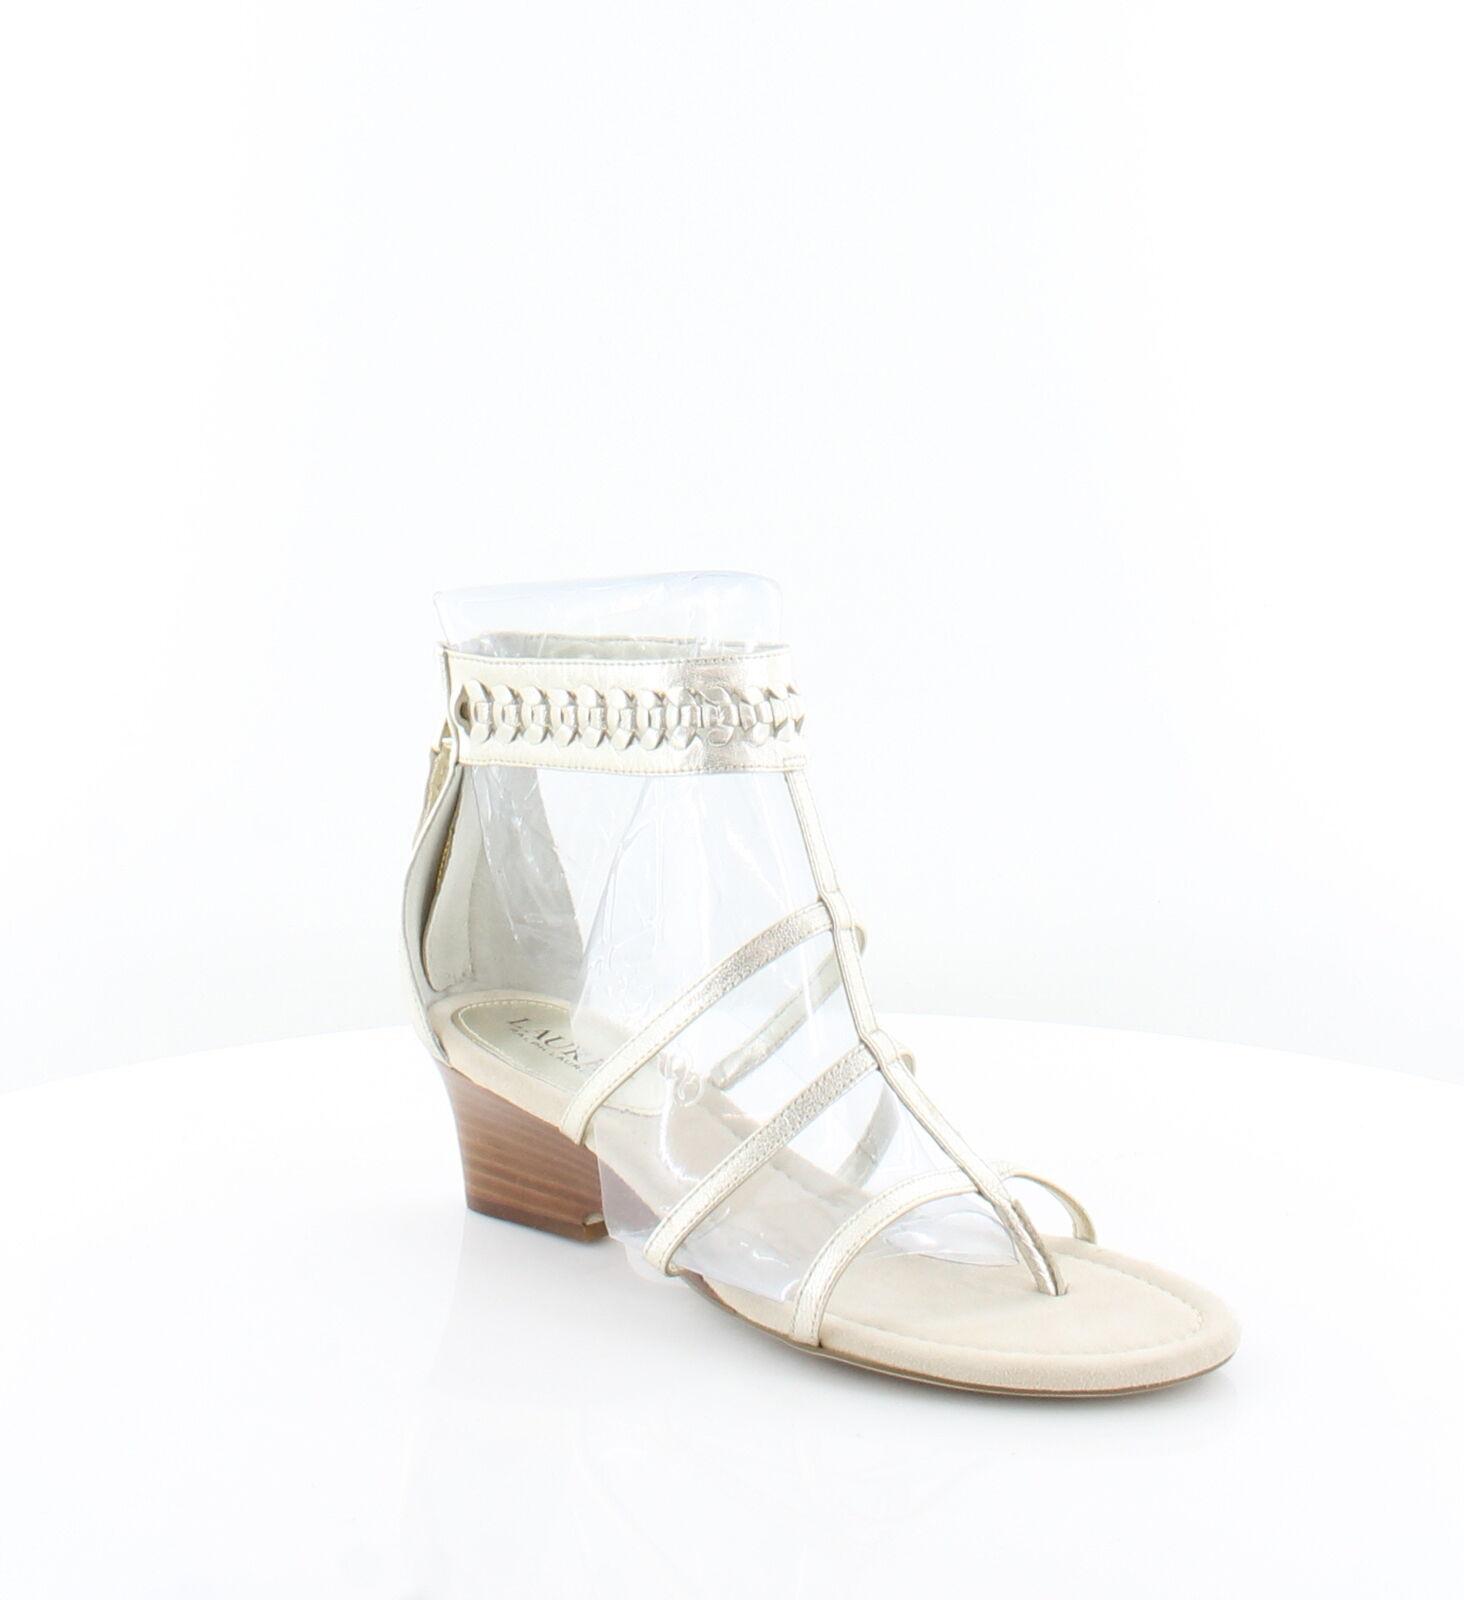 Ralph Lauren Nuevo Meira Metálico Mujer Mujer Mujer Zapatos Talla 7.5 M Sandalias precio minorista sugerido por el fabricante  129  punto de venta en línea